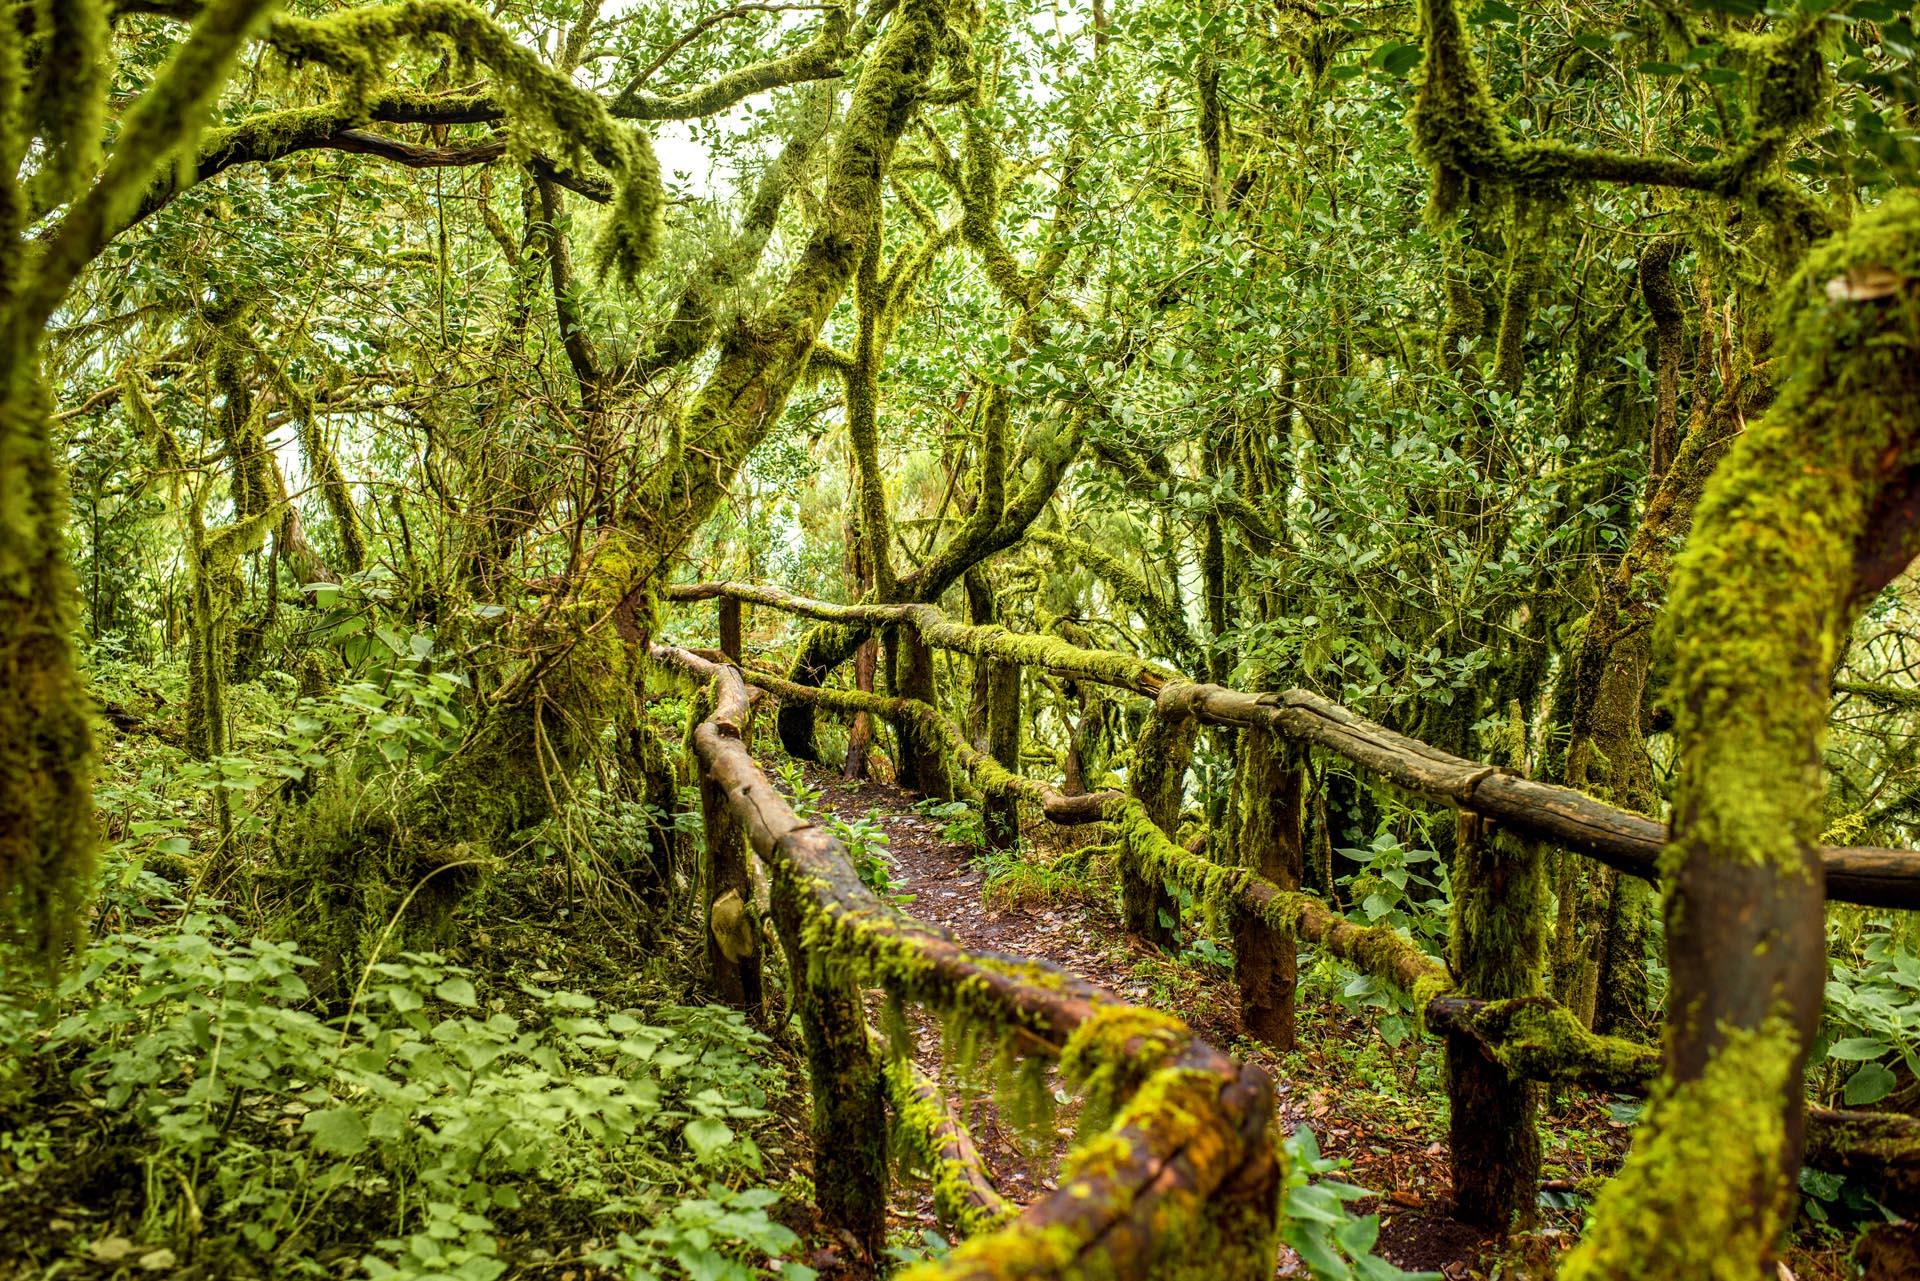 aluz-ruta-naturalista-por-tenerife-y-la-gomera-en-semana-santa-23019.jpeg